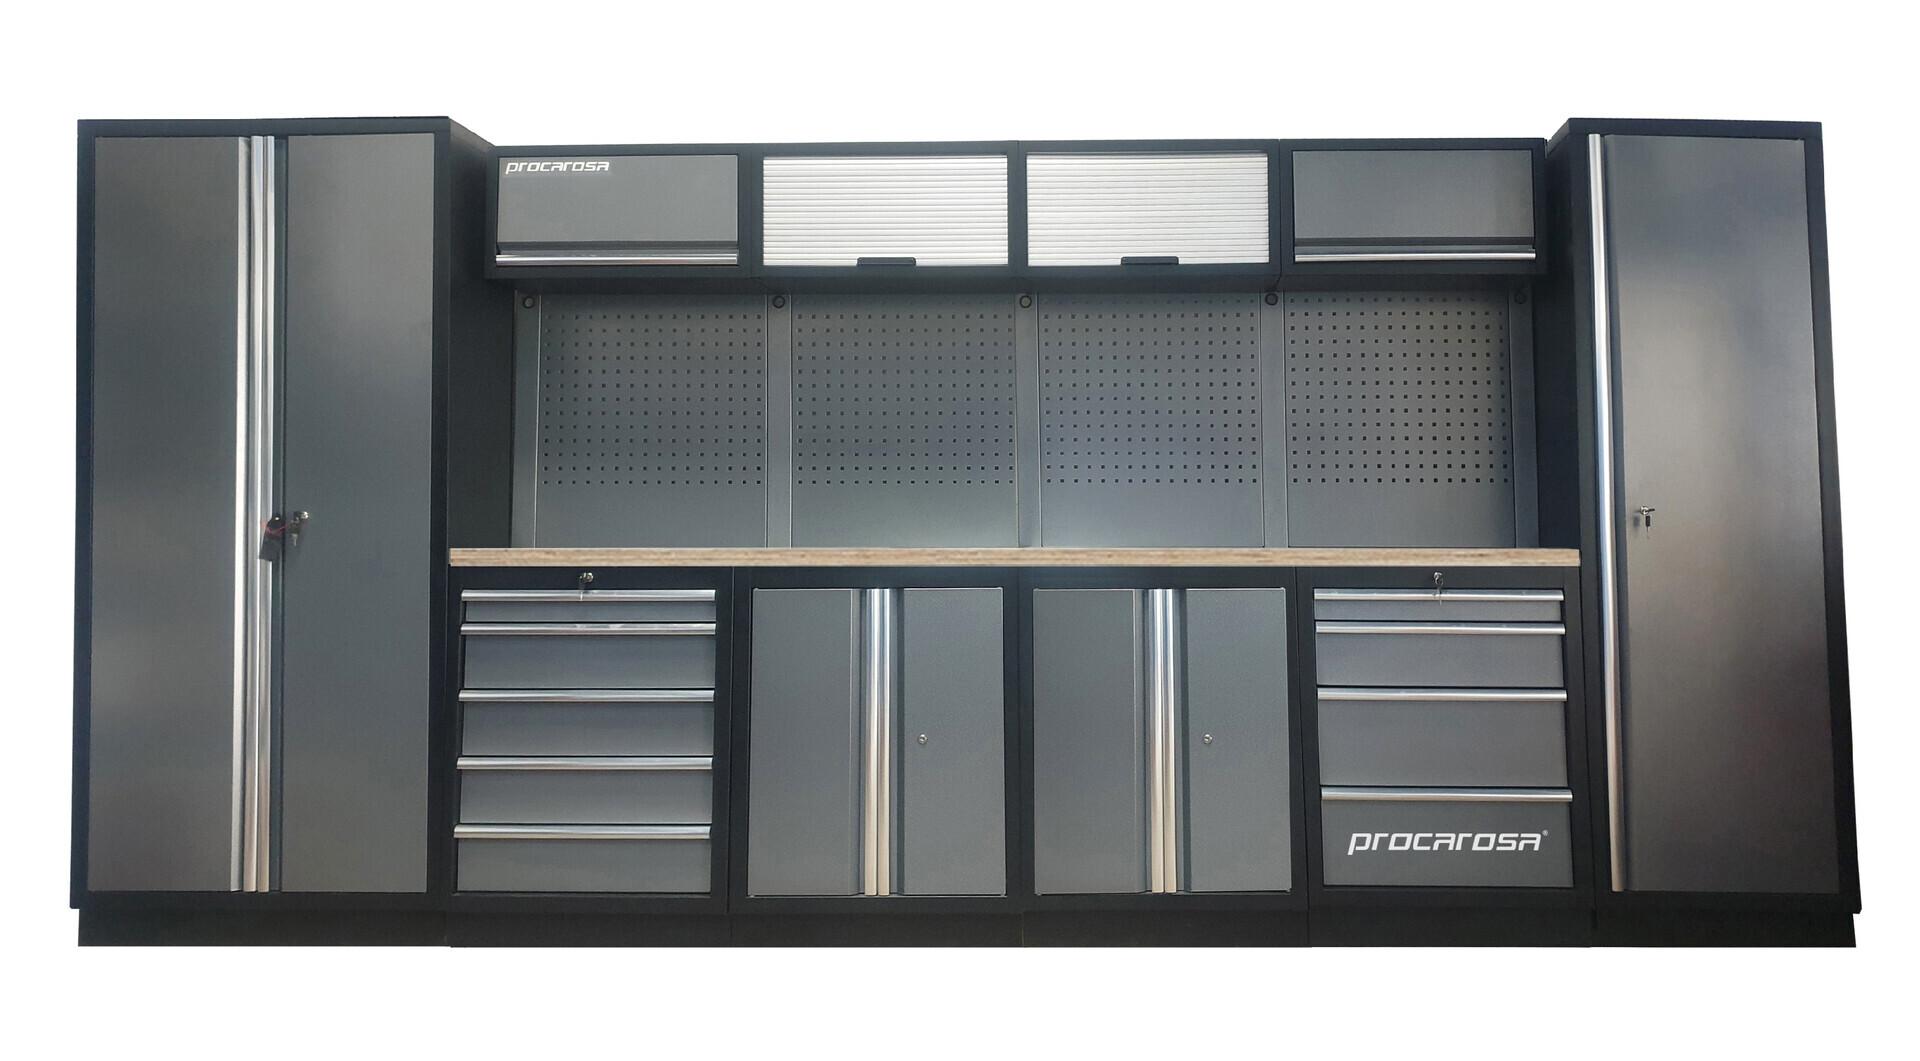 Sestava dílenského nábytku Procarosa PROFESSIONAL XL-2 Pracovní deska: dřevěná, Hmotnost: